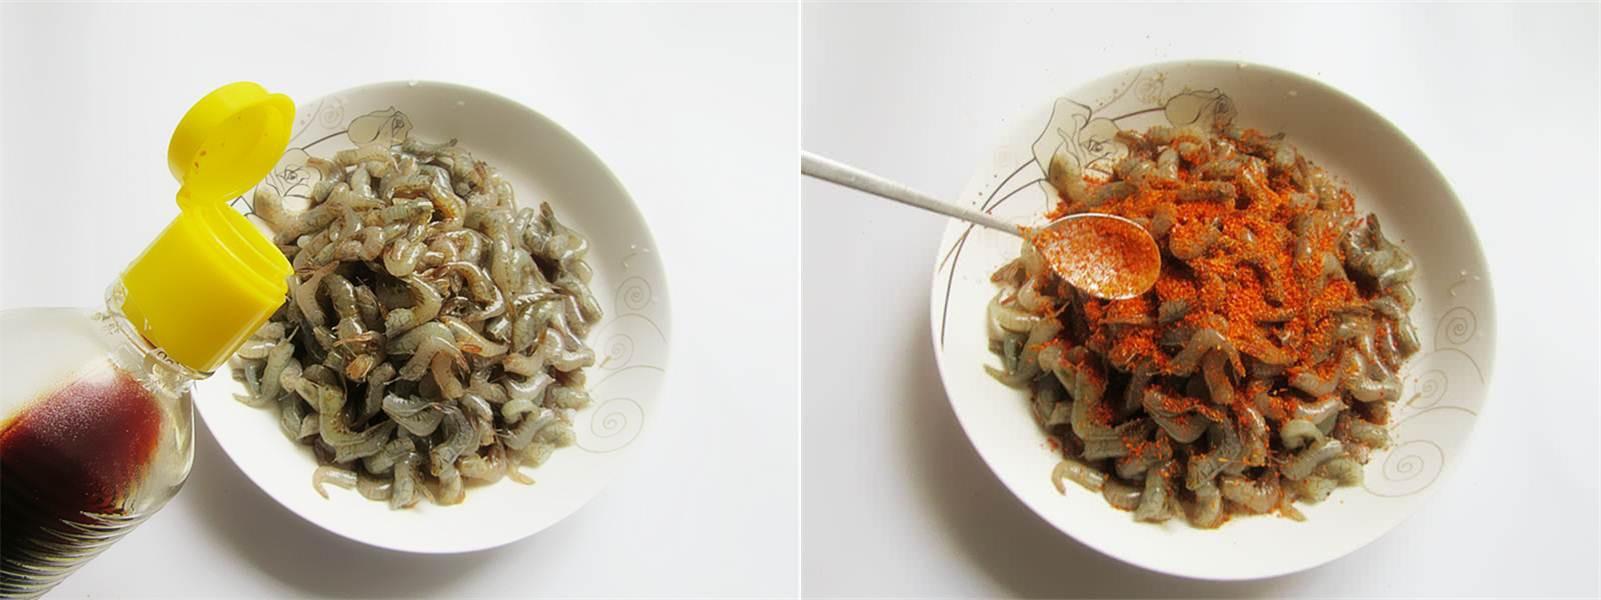 Mách bạn cách làm món tôm rang tỏi ớt đậm đà ngon cơm - Ảnh 2